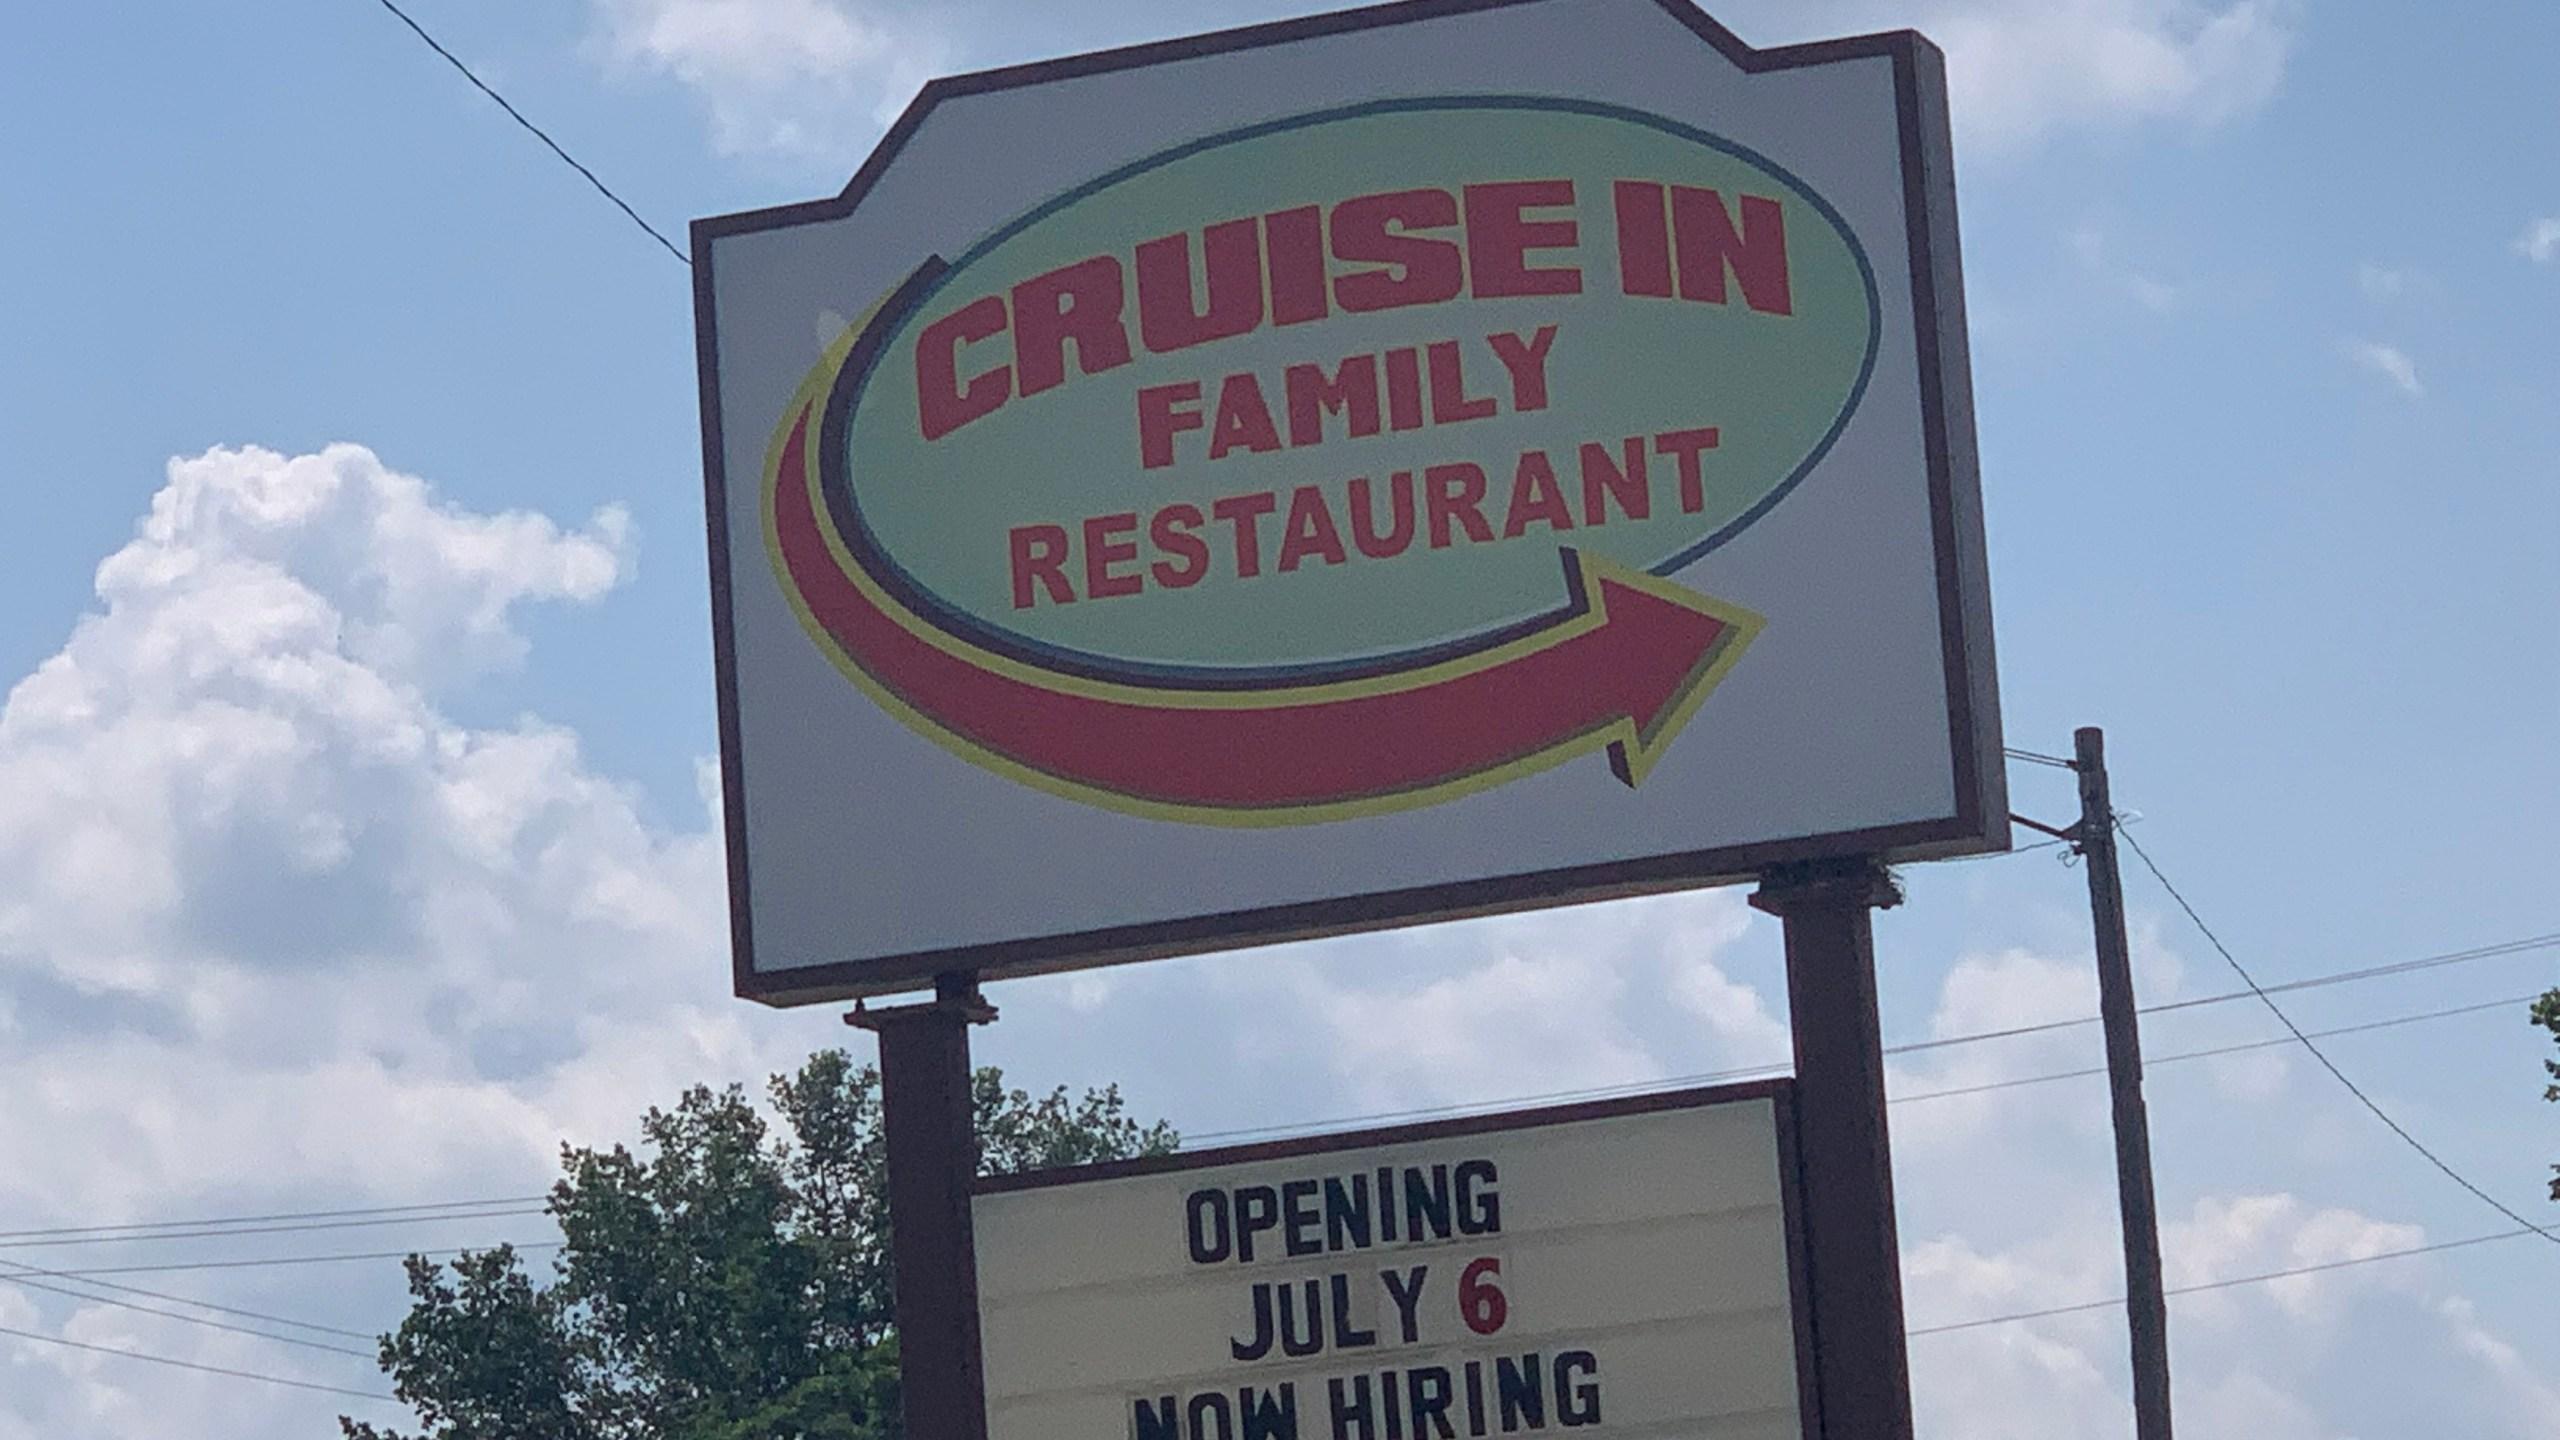 Cruise In Family Restaurant